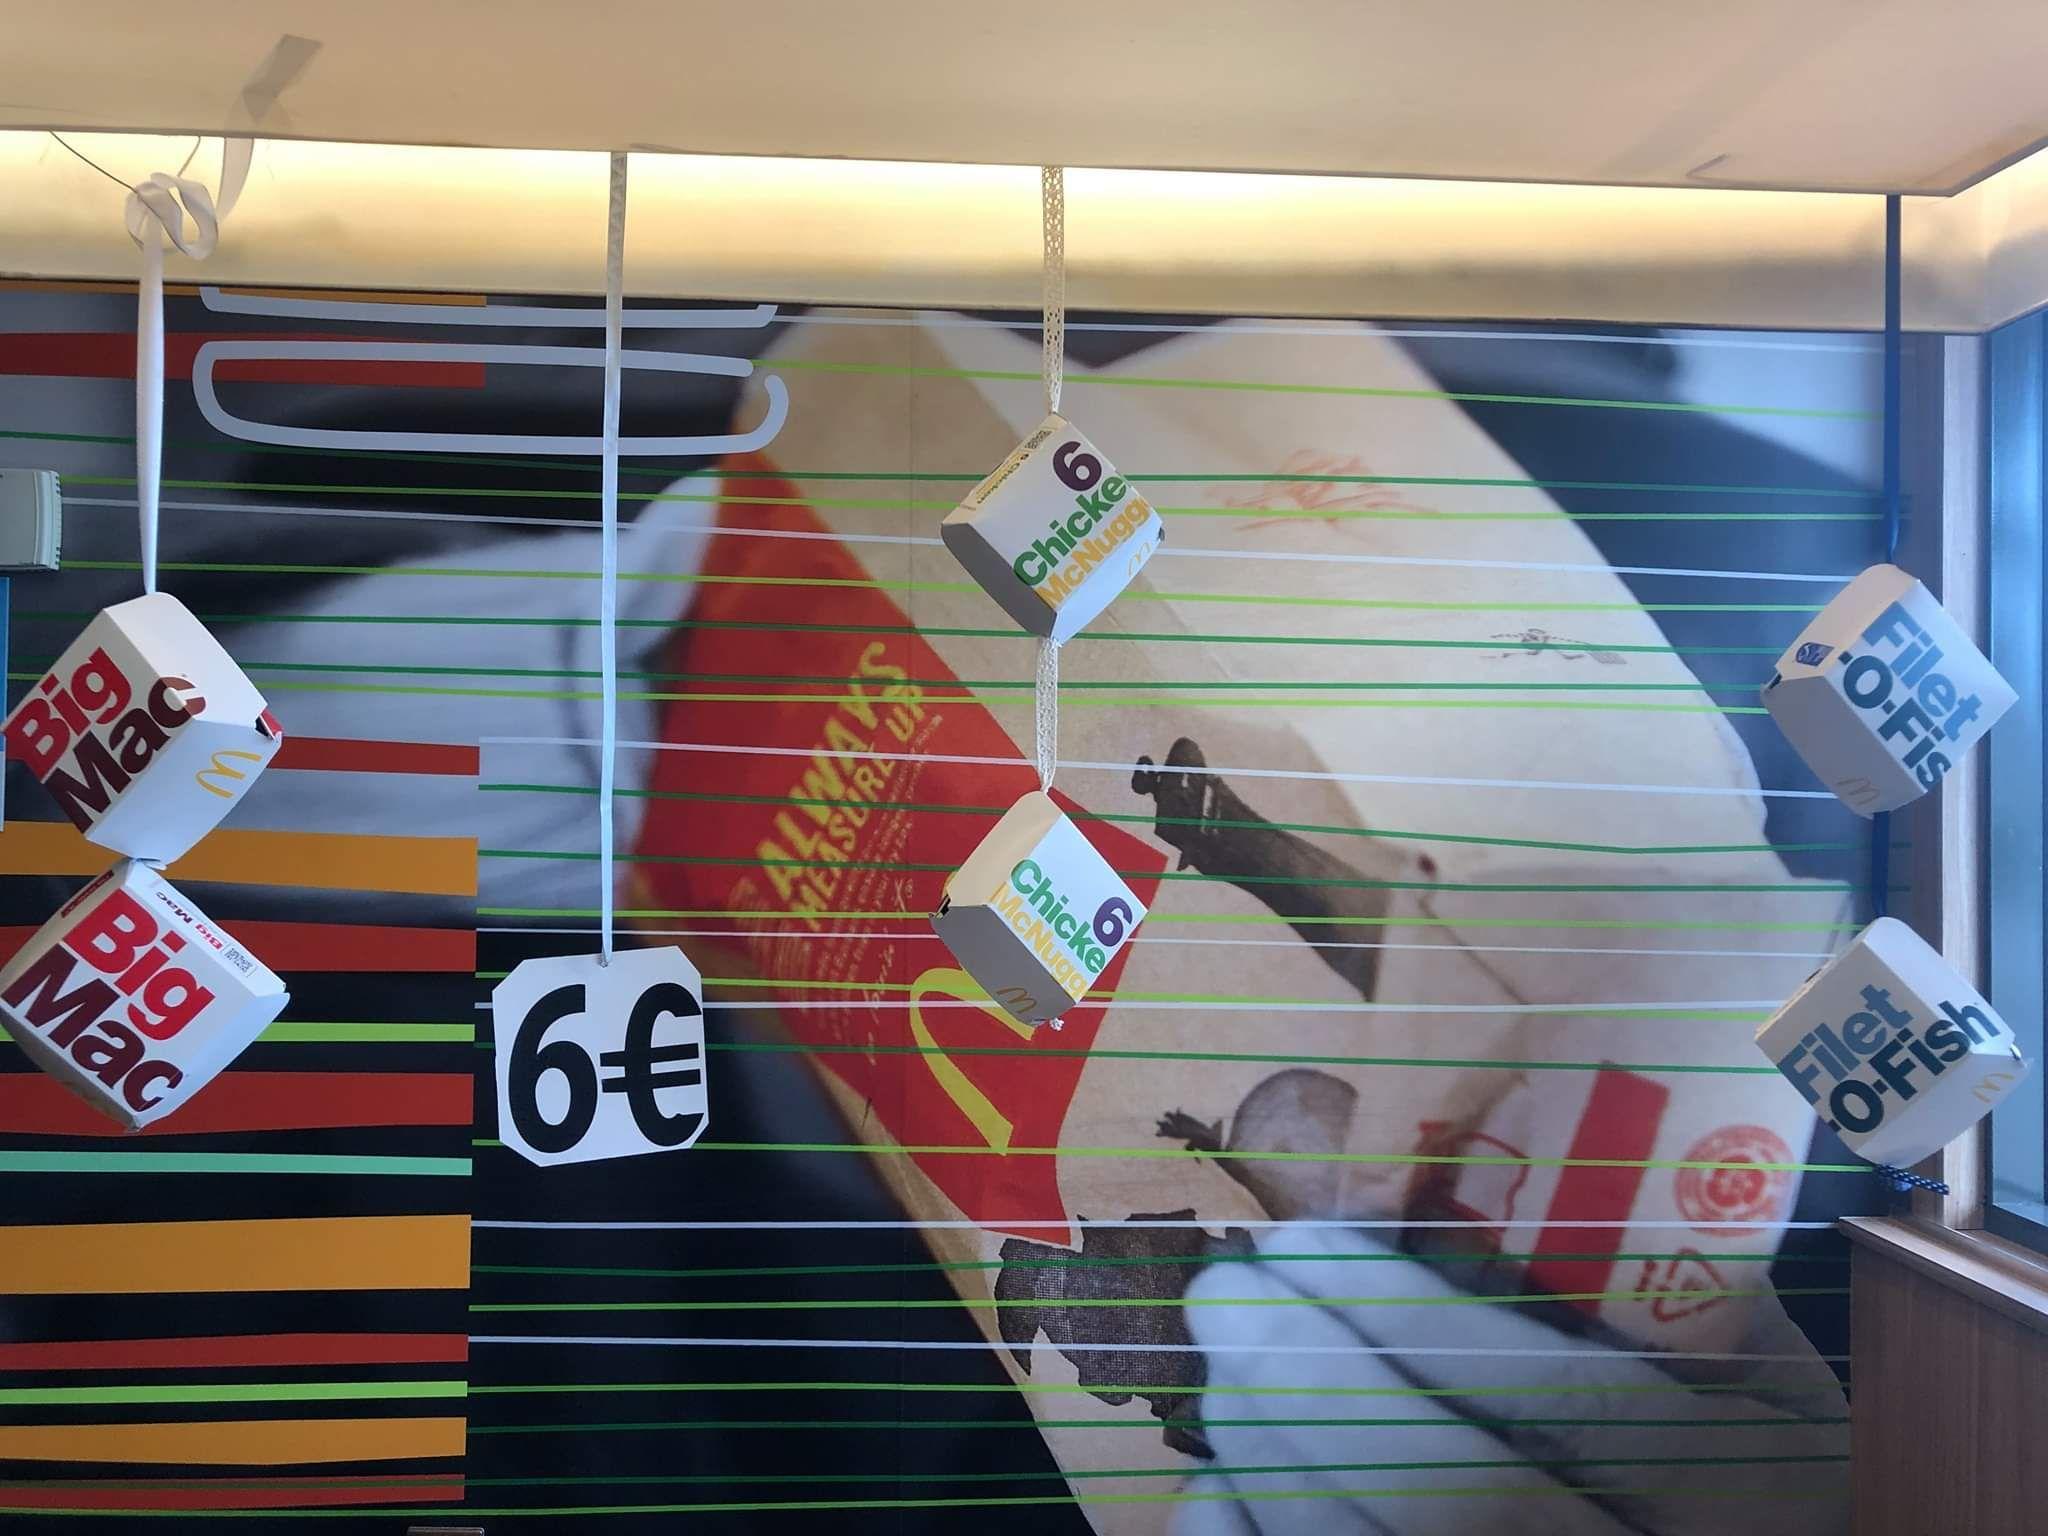 2 Burgers/Boites de Chicken McNuggets à 6€ (Audincourt 25)